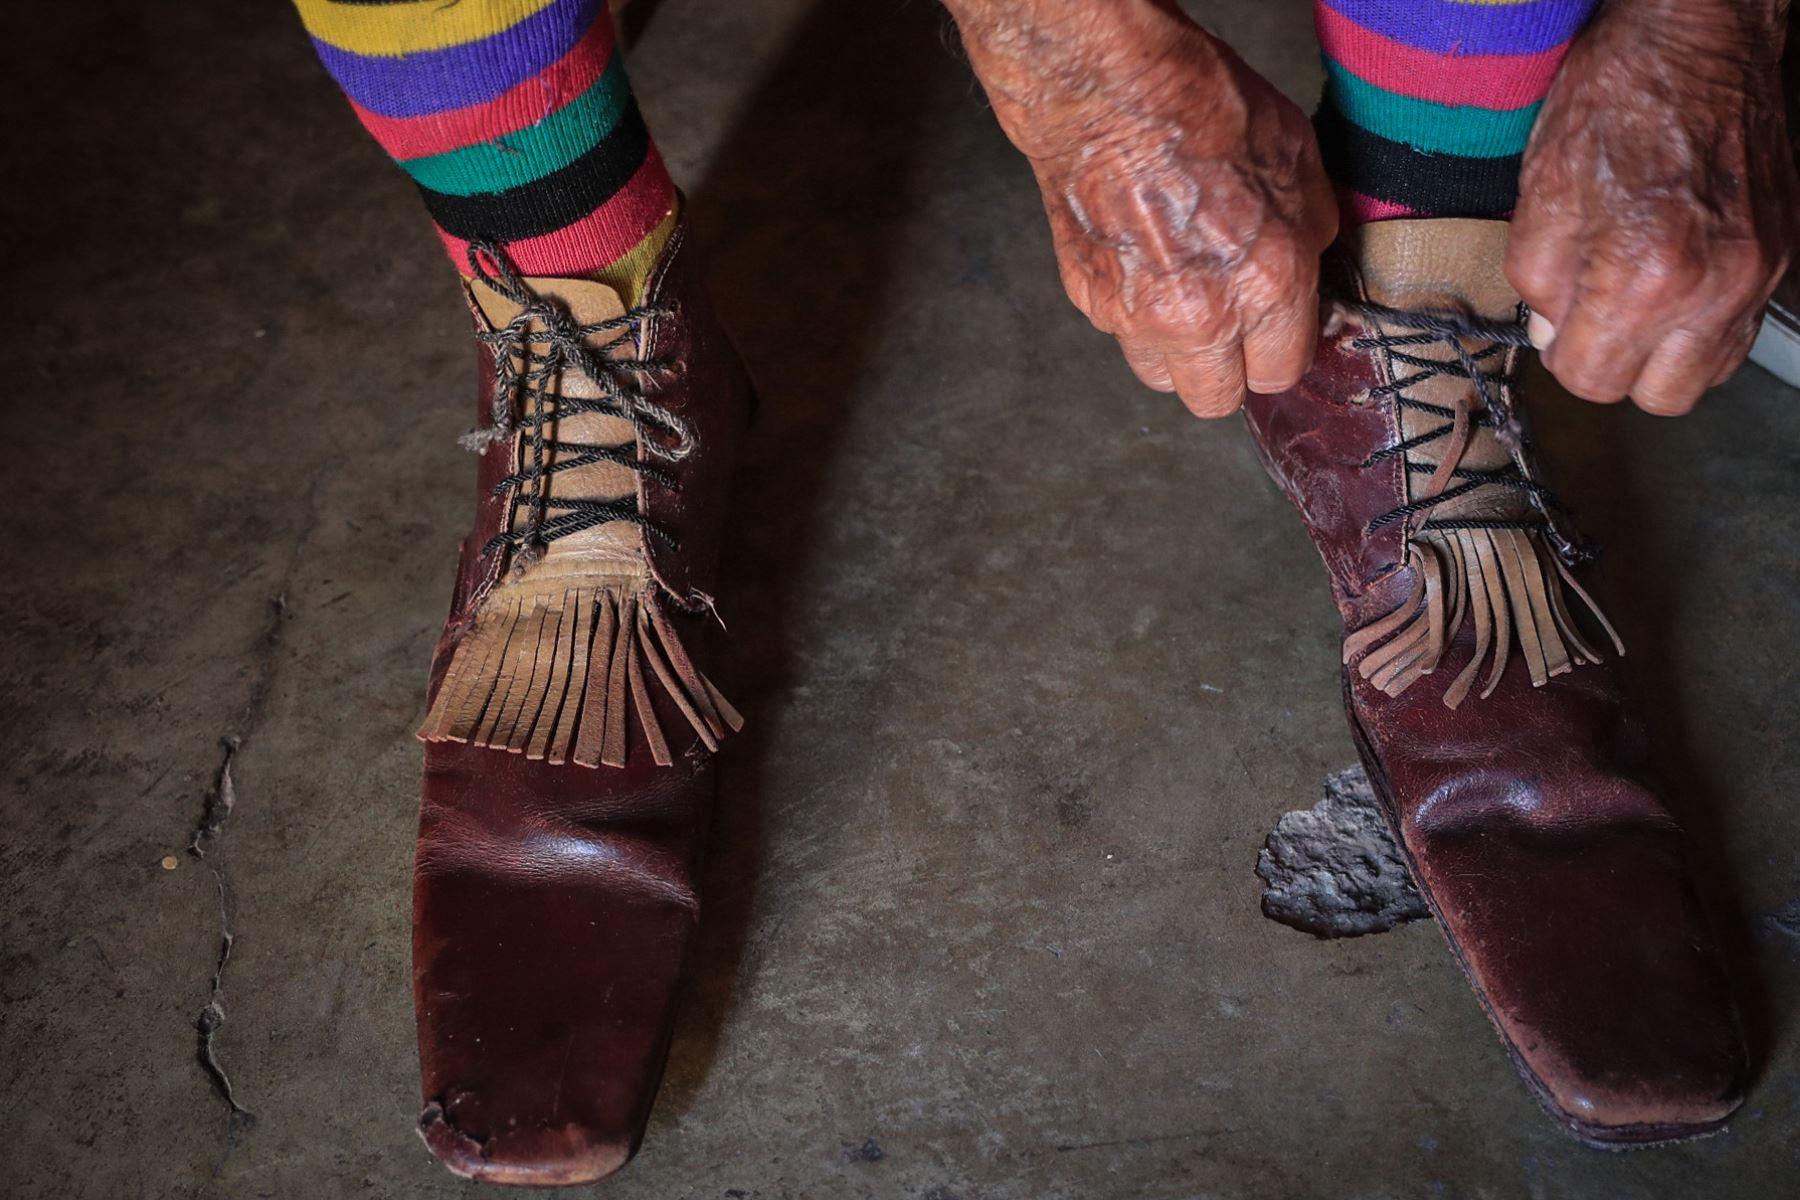 Tiene 95 años de vida y ha pasado 91 de ellos haciendo reír en la carpa de un circo. Pitito es el payaso más viejo del mundo en actividad. Foto: ANDINA/ Carlos Lezama